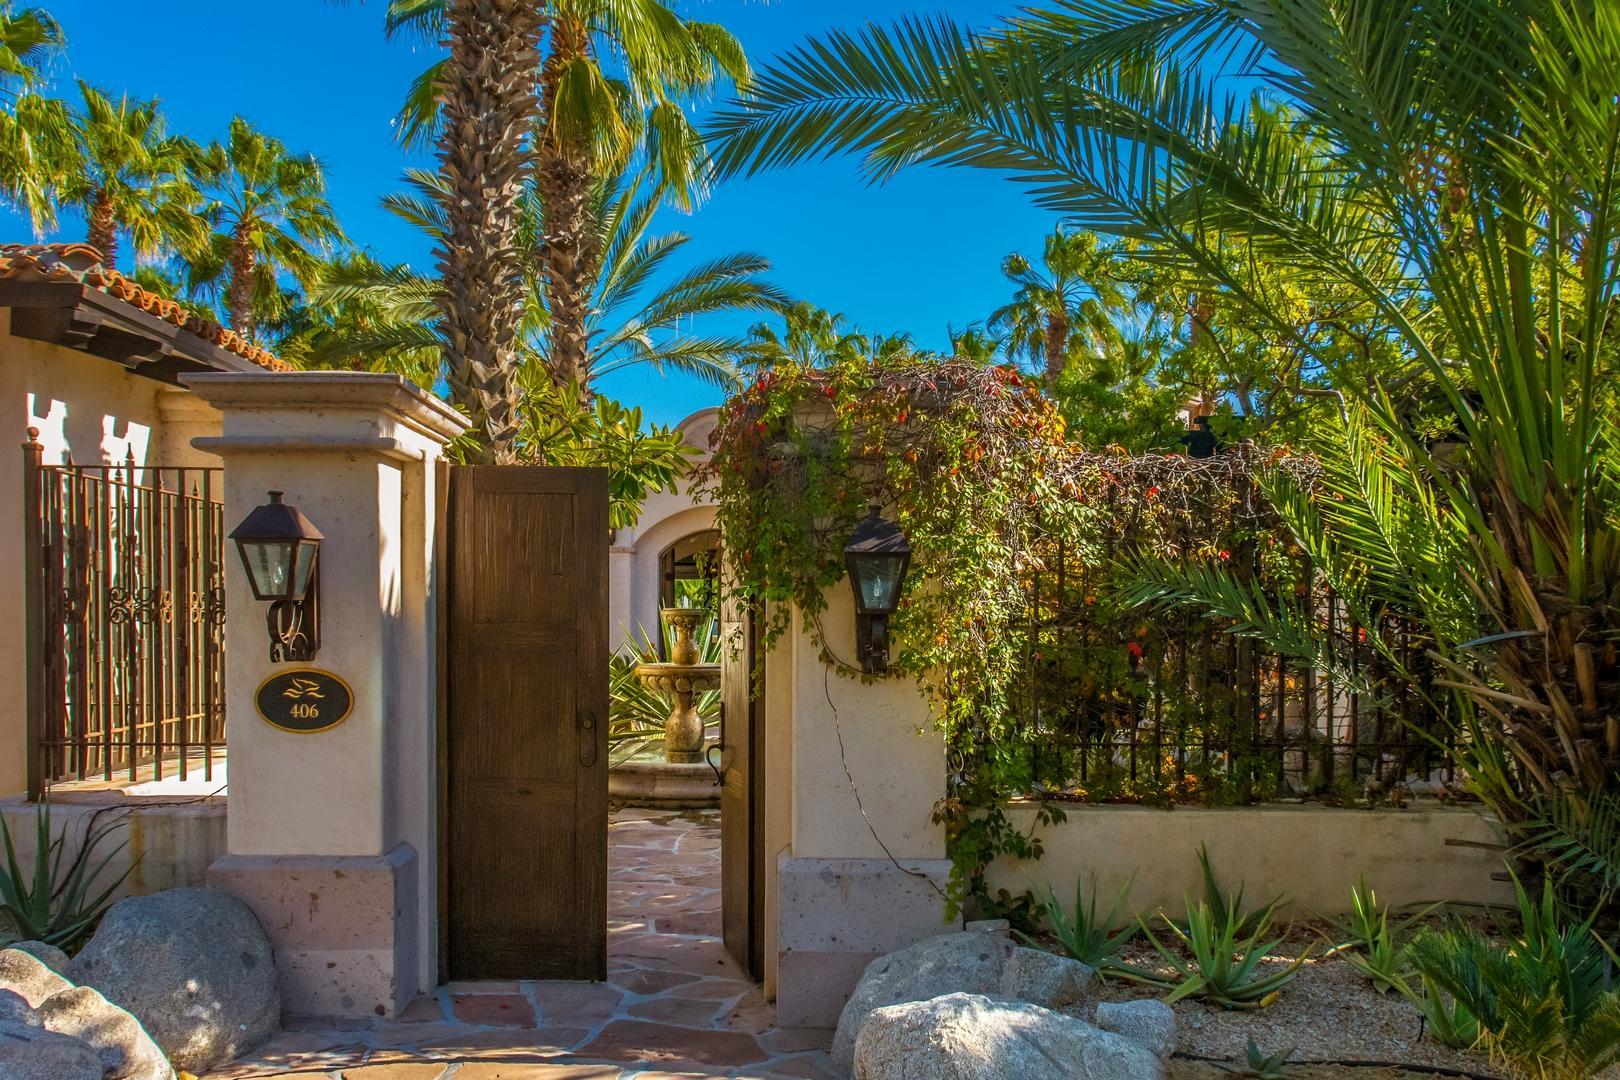 406 Calle Las Conchas, Villa Las Conchas 406, Cabo Corridor,